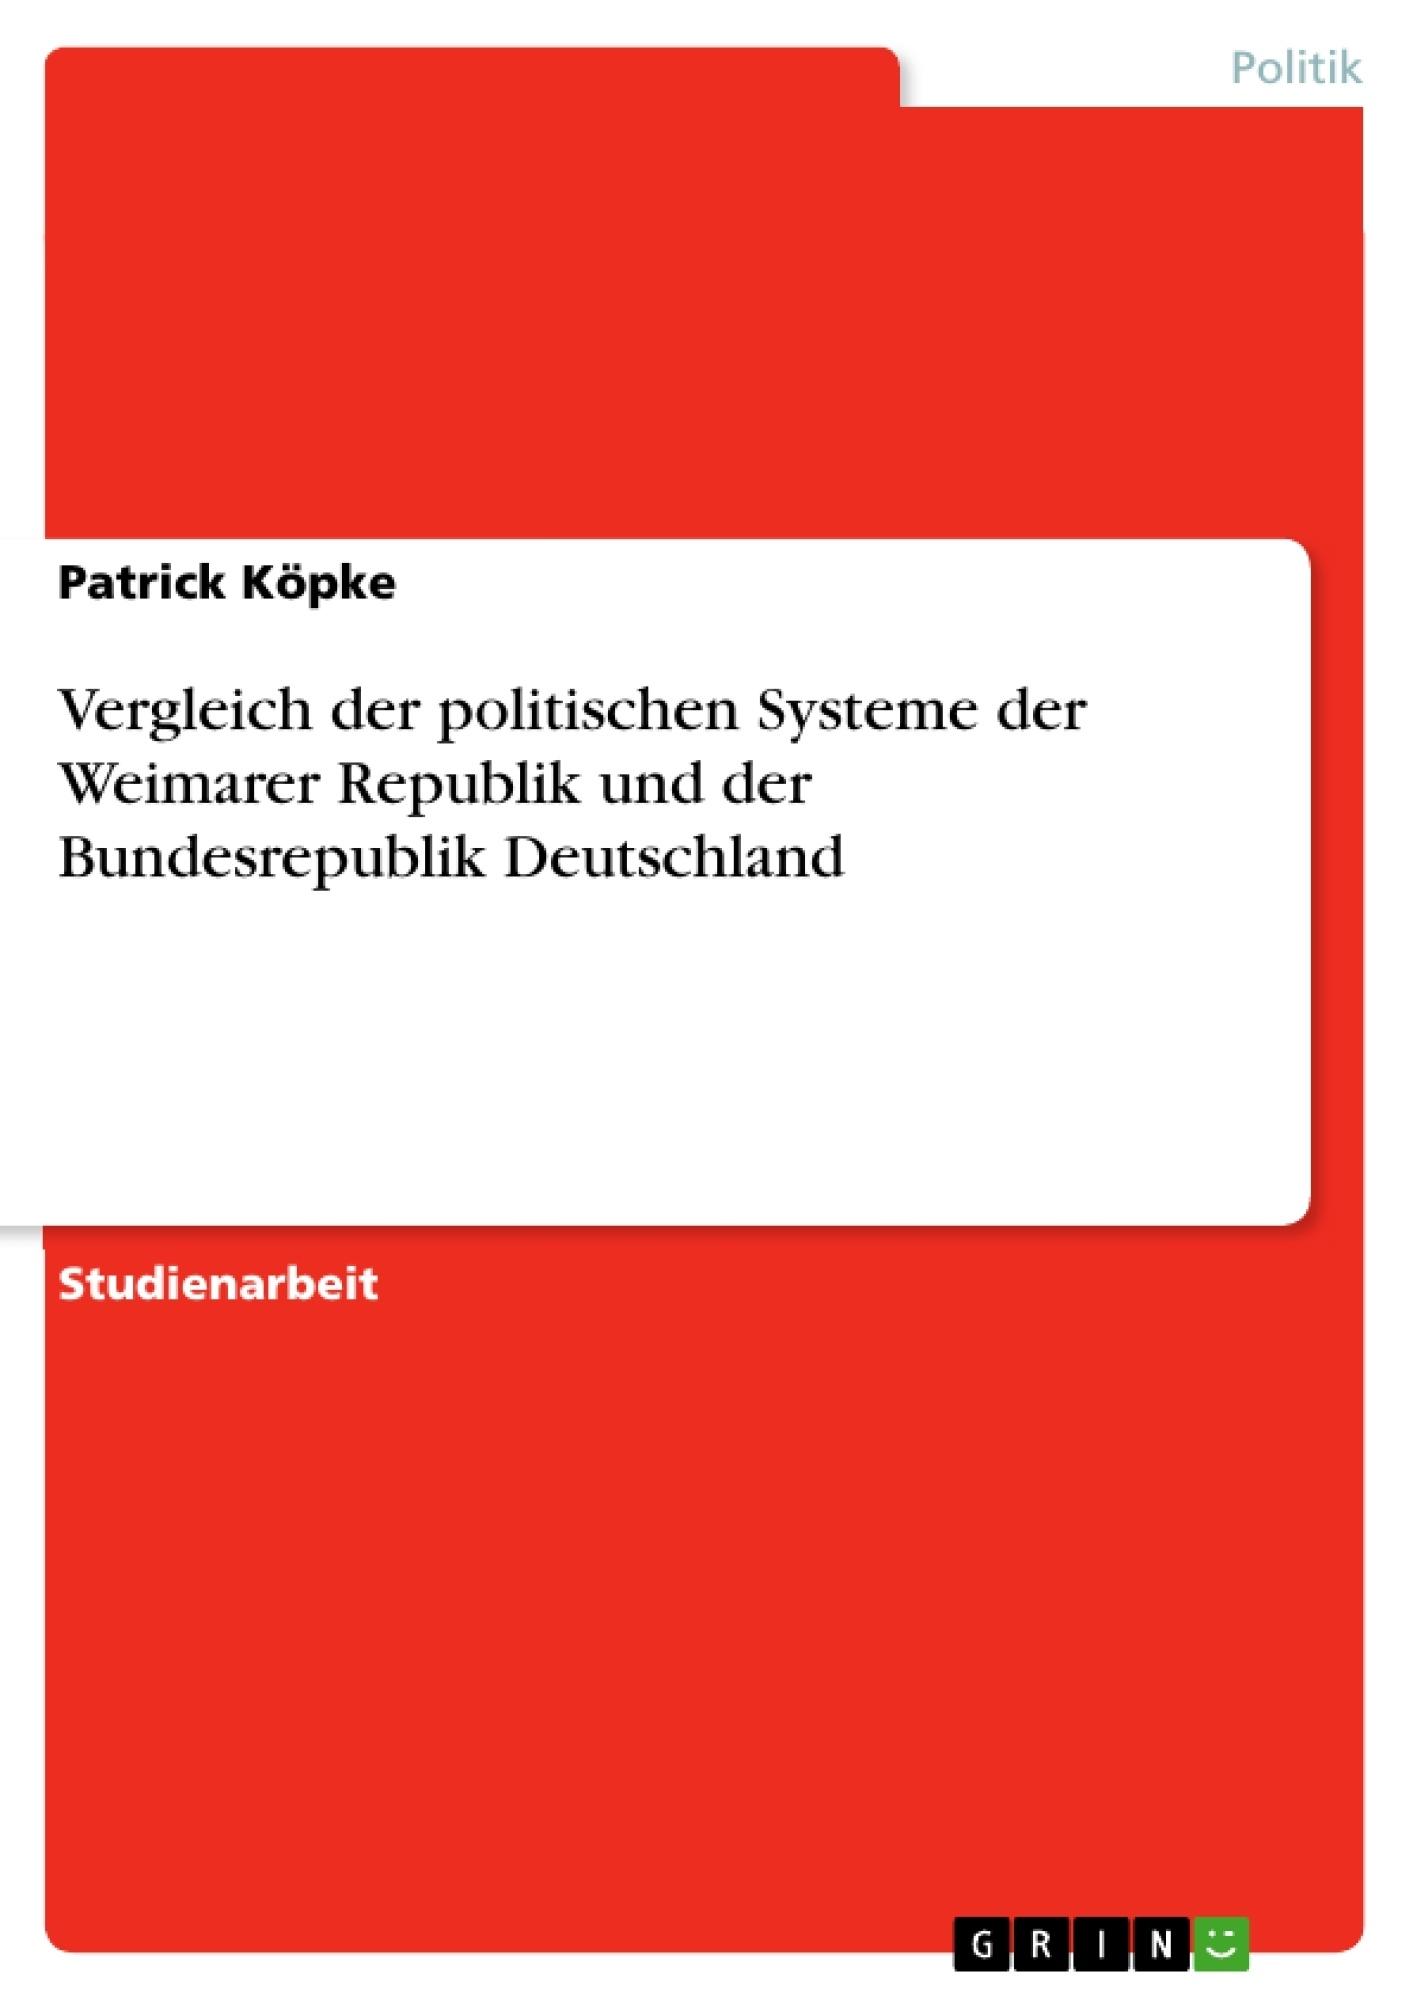 Titel: Vergleich der politischen Systeme der Weimarer Republik und der Bundesrepublik Deutschland